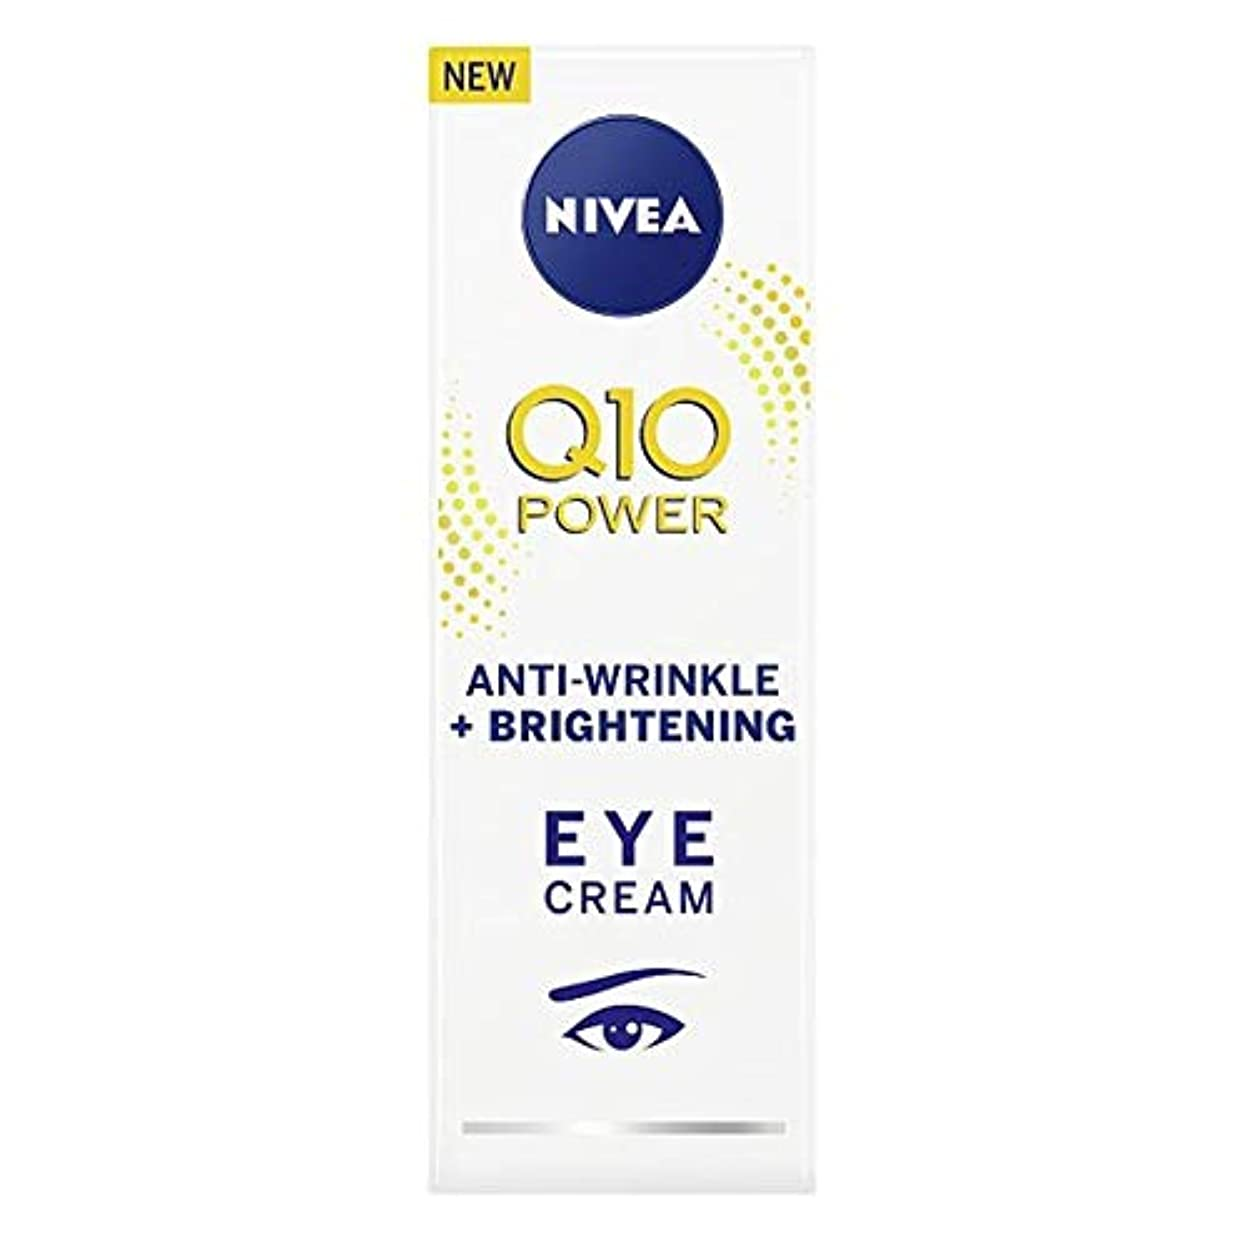 援助する輸送死の顎[Nivea] ニベアQ10電源明るいアイクリーム15ミリリットル - Nivea Q10 Power Bright Eye Cream 15Ml [並行輸入品]